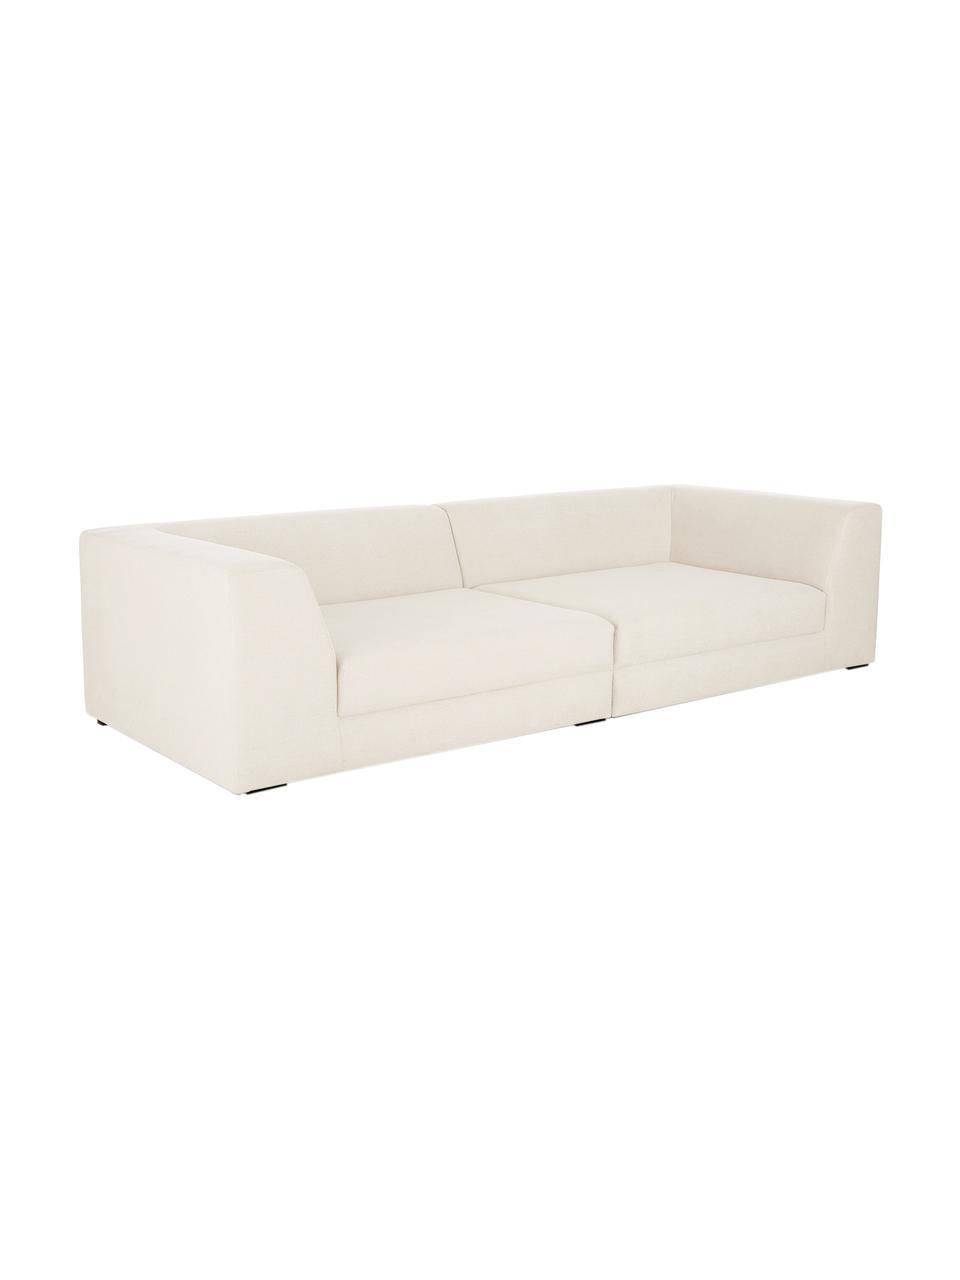 Sofa modułowa Grant (3-osobowa), Tapicerka: bawełna 20 000 cykli w te, Nogi: lite drewno bukowe, lakie, Beżowy, S 266 x G 106 cm